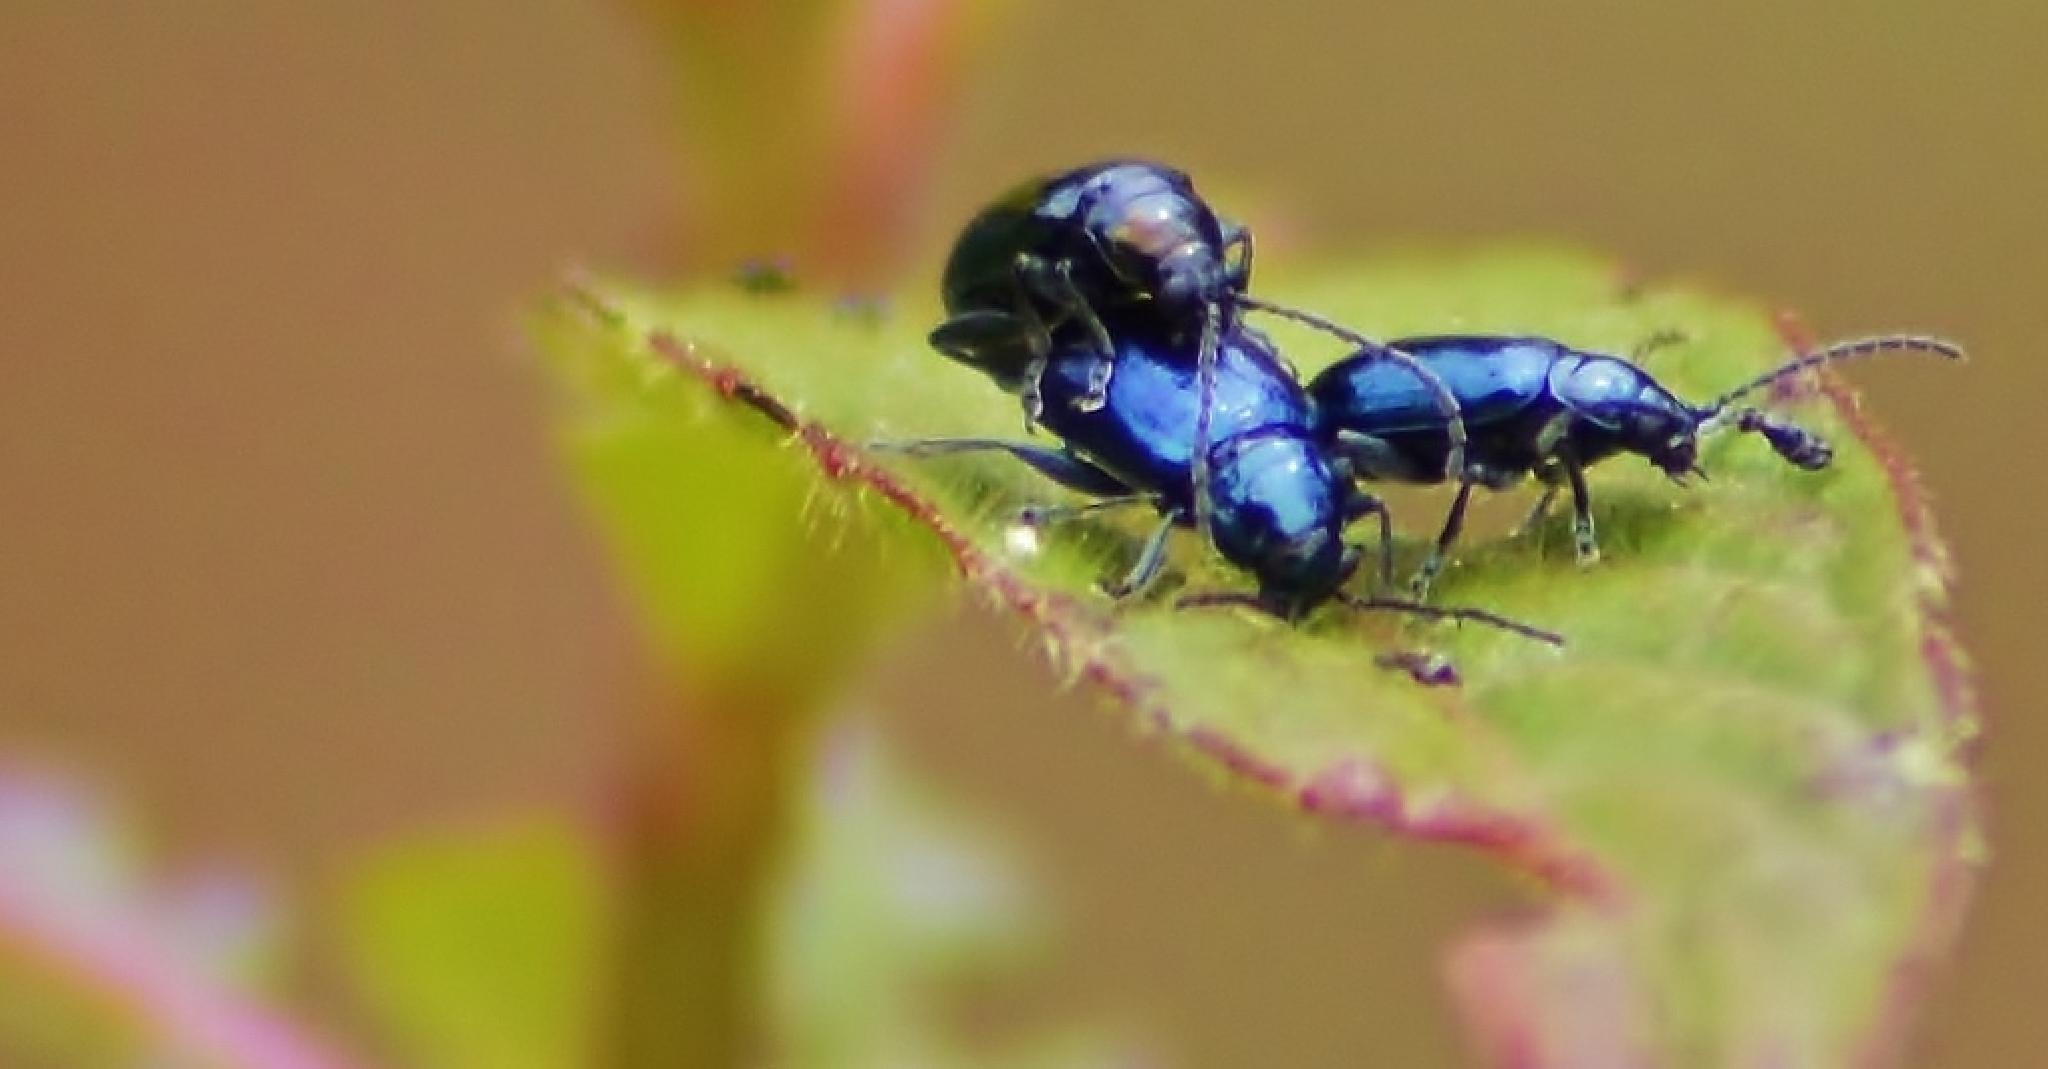 Freaky Beetles by jamie.dorton